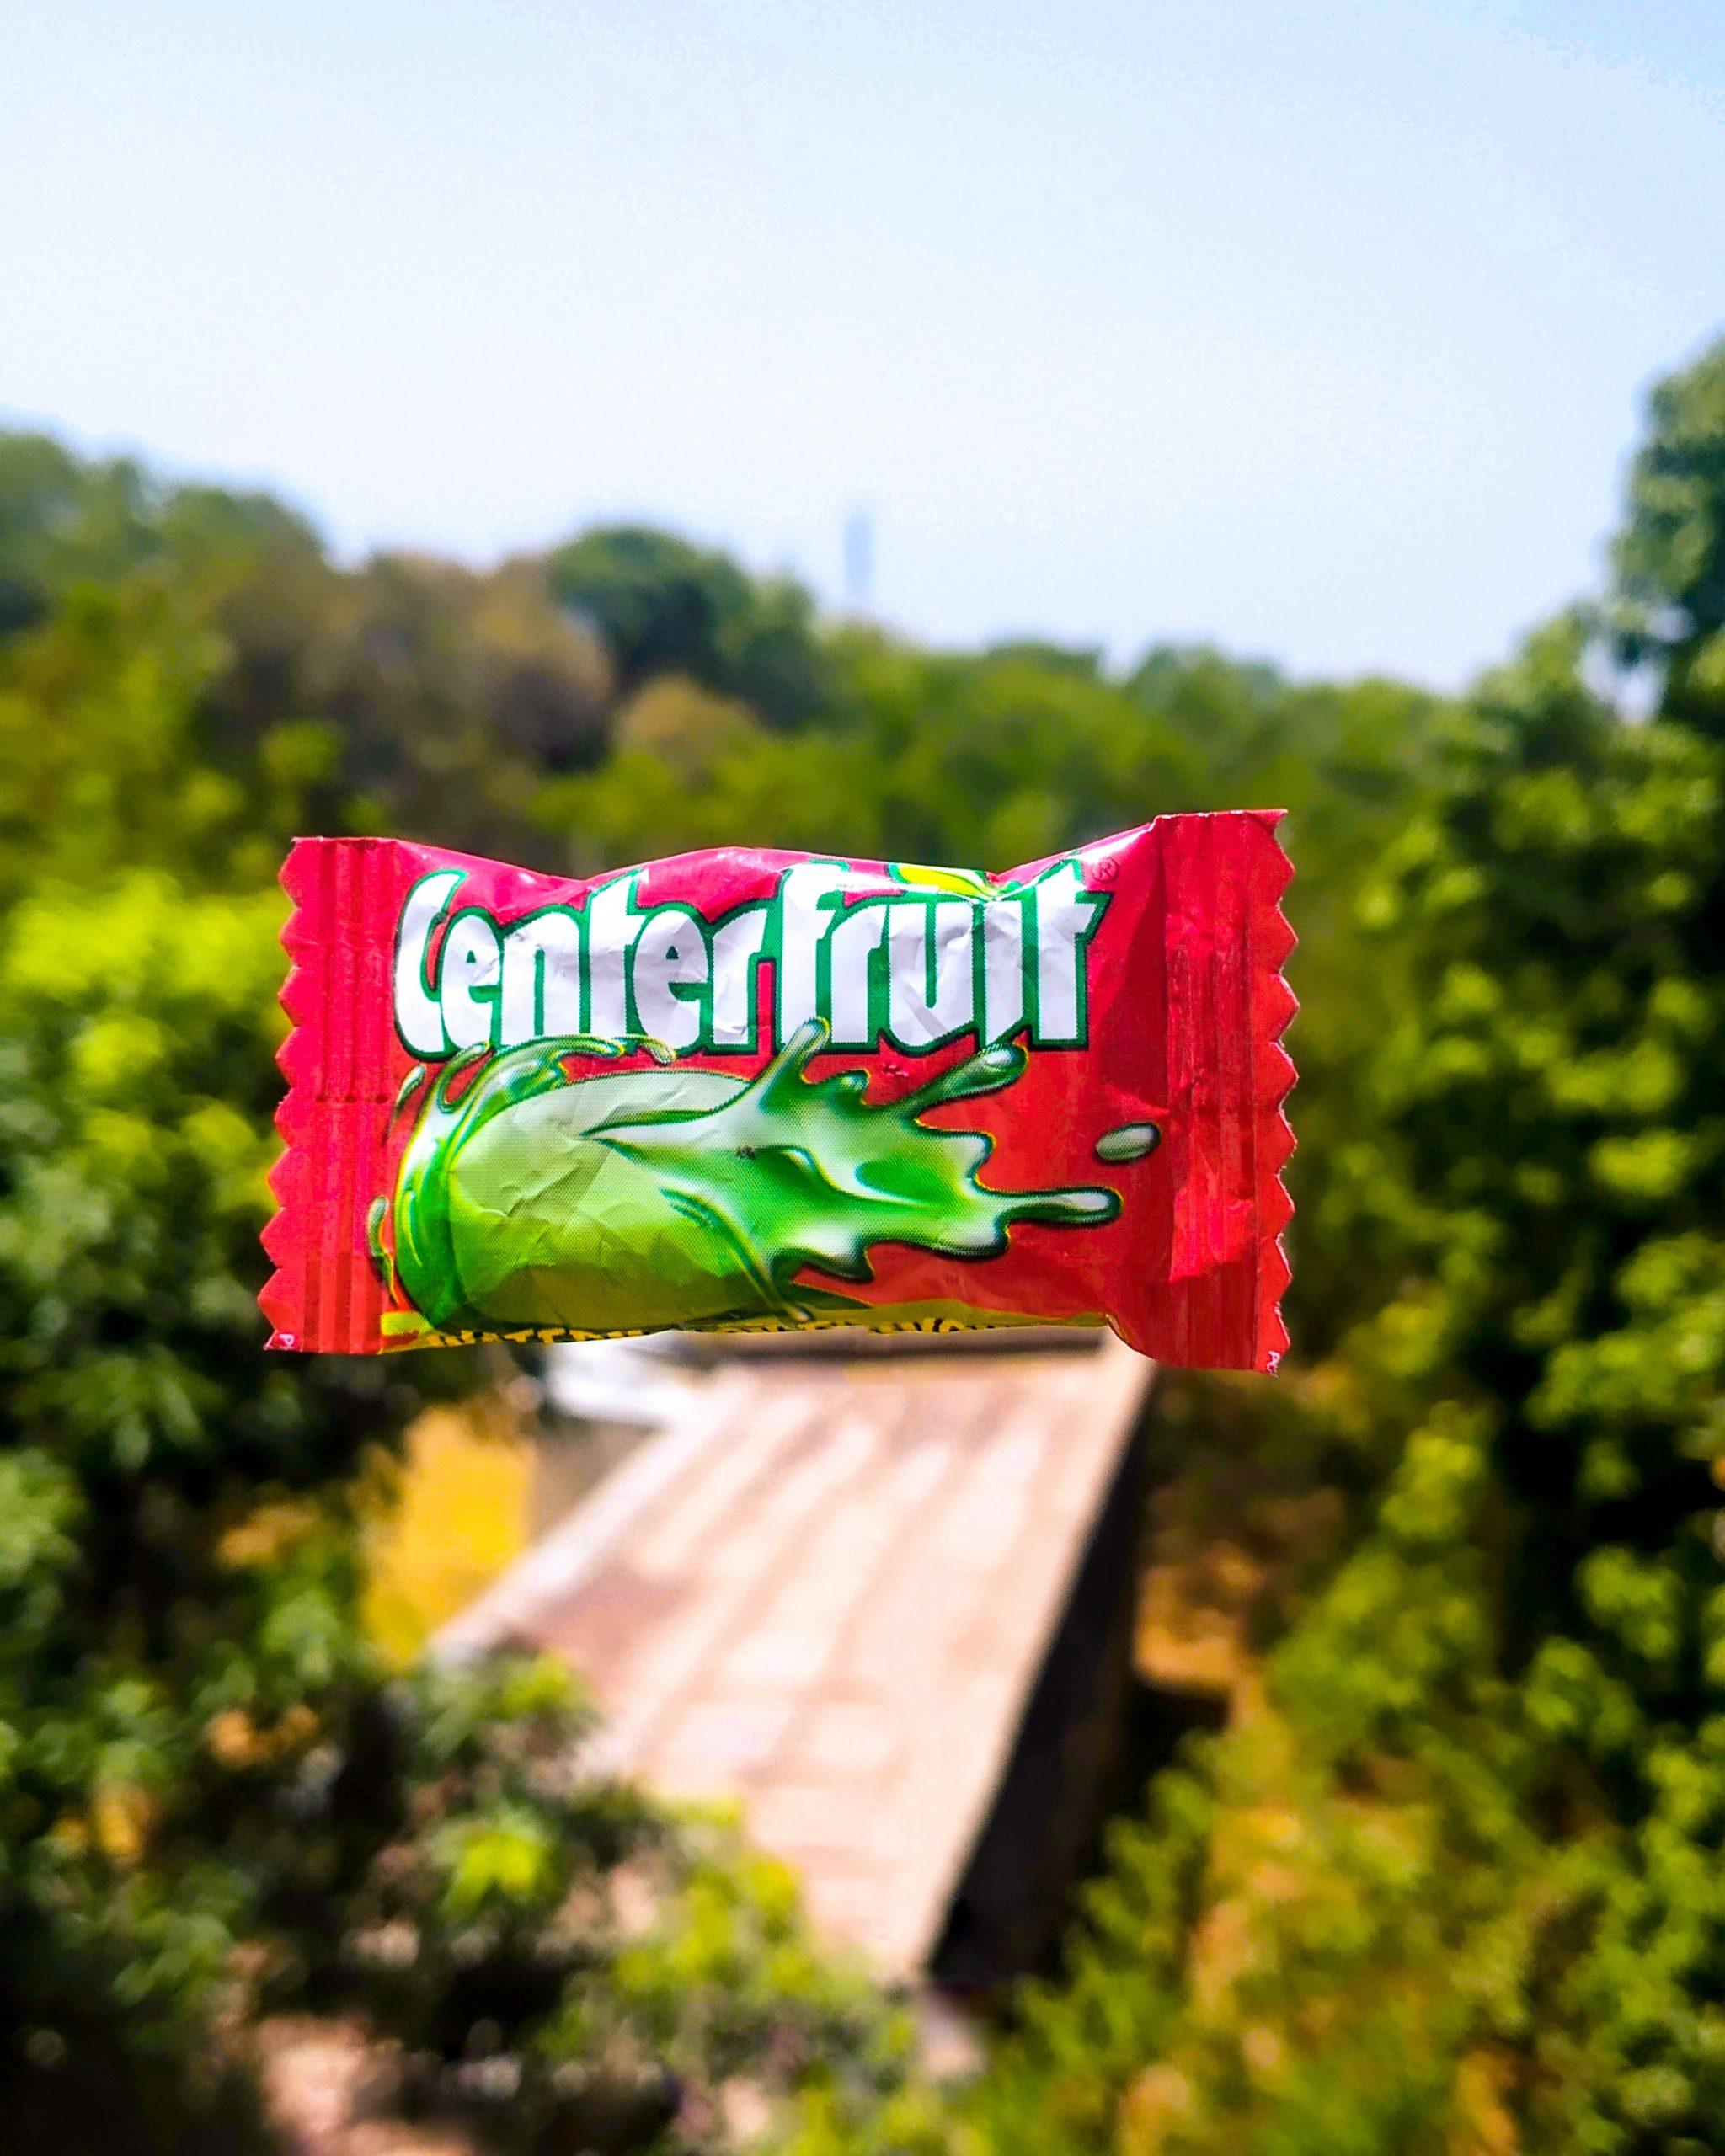 Center fruit